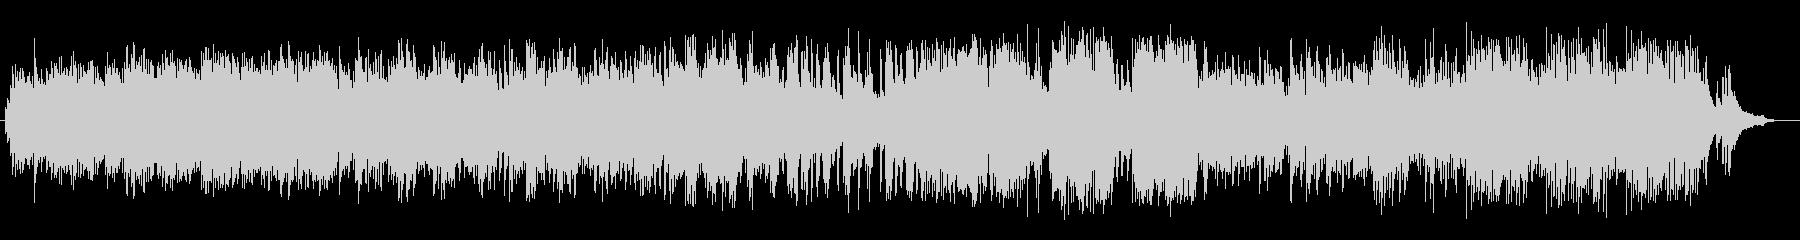 A dark and dark piano song's unreproduced waveform